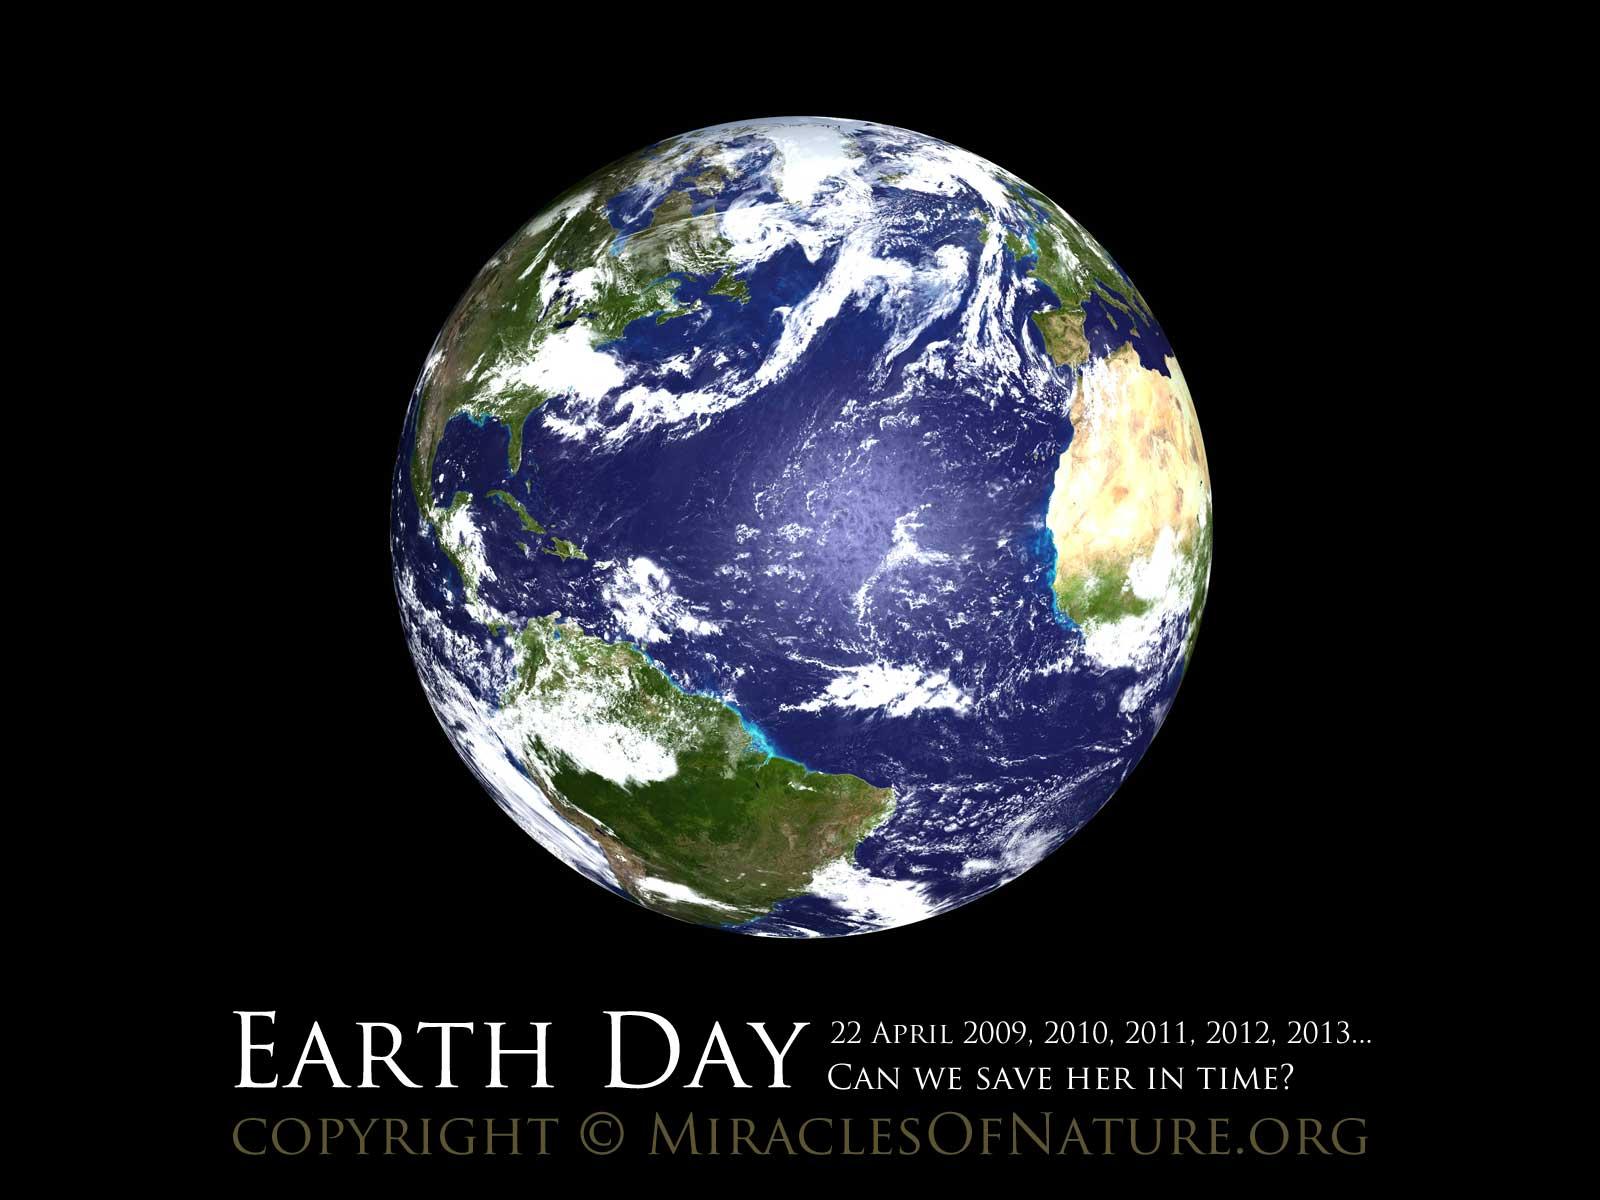 http://2.bp.blogspot.com/_xHEjZX60MSM/S9CyKGadUII/AAAAAAAABK8/iPOg9bzSOZI/s1600/earth-day-wallpaper.jpg